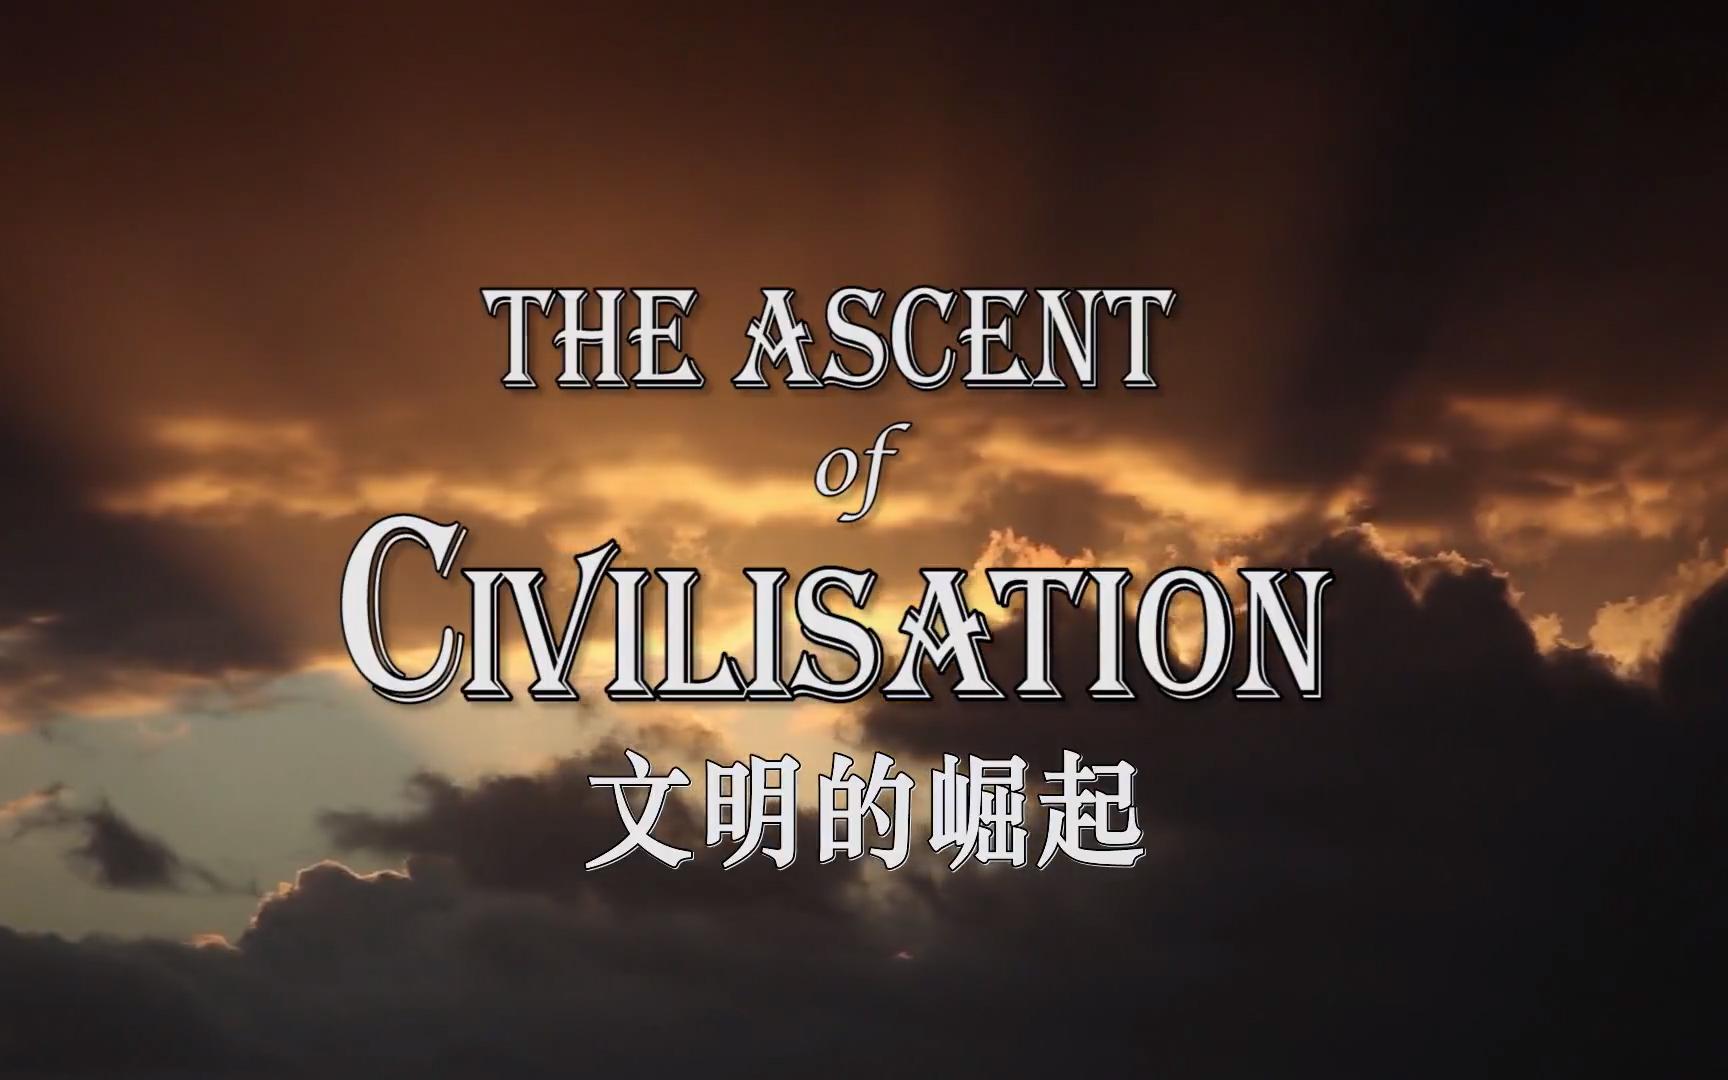 文明的崛起 第二季-第3集-阿拉伯人